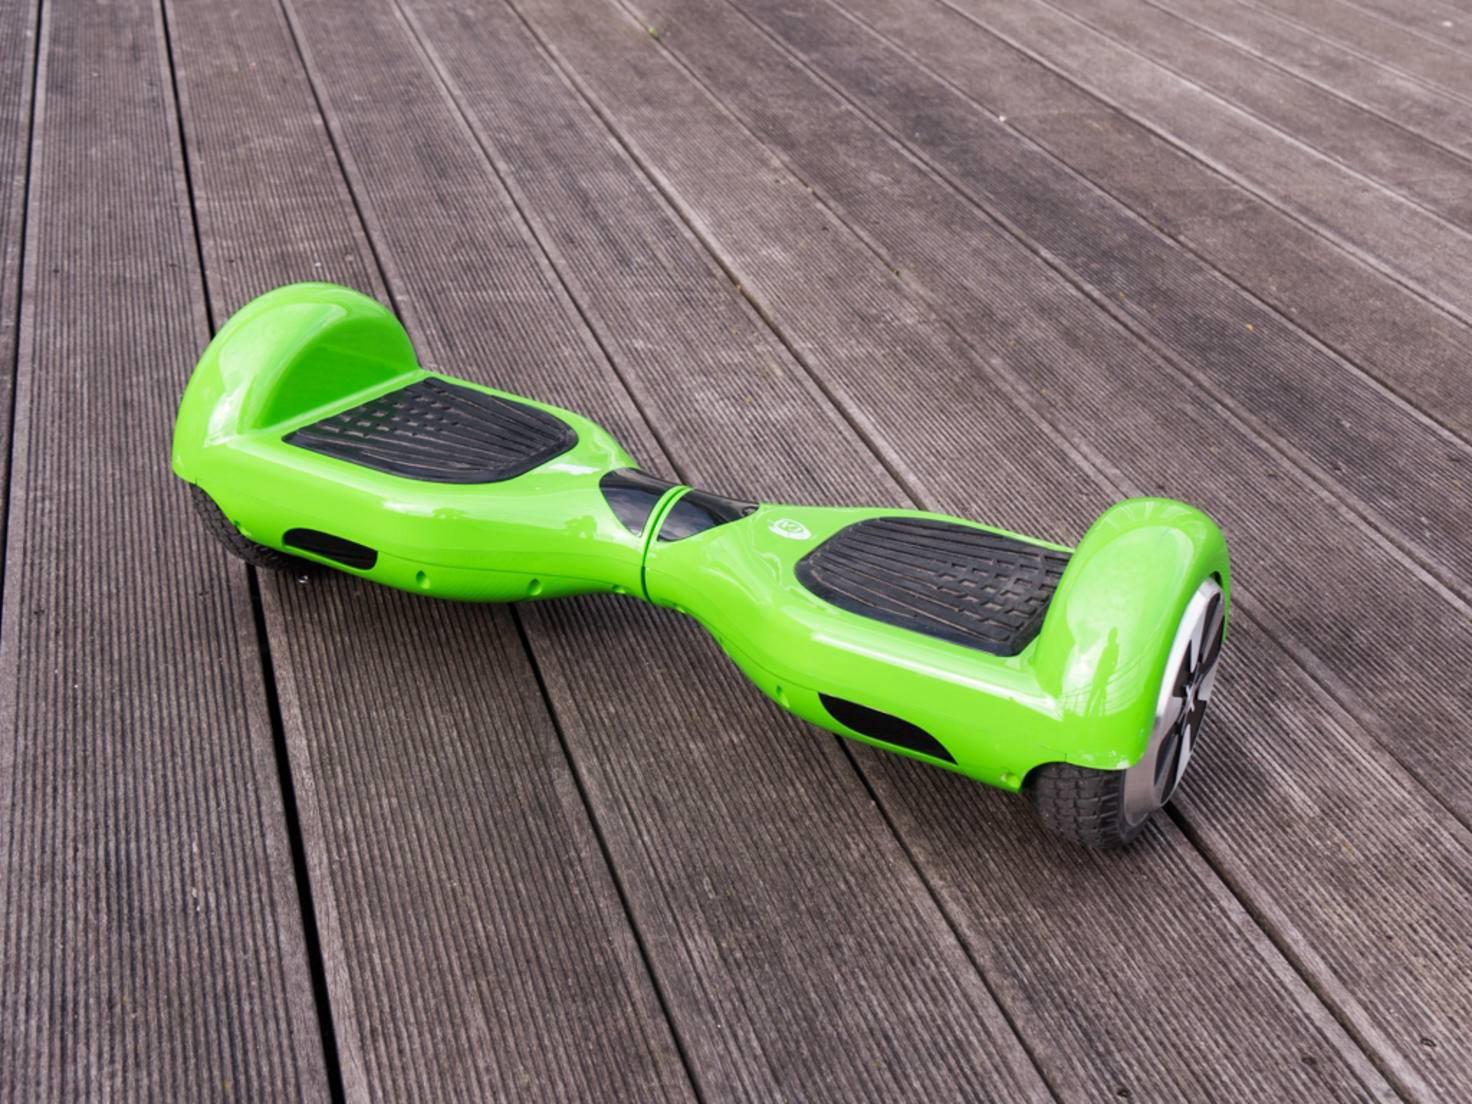 Das Hoverboard bringt es auf ein stolzes Gewicht von 11,5 Kilogramm.